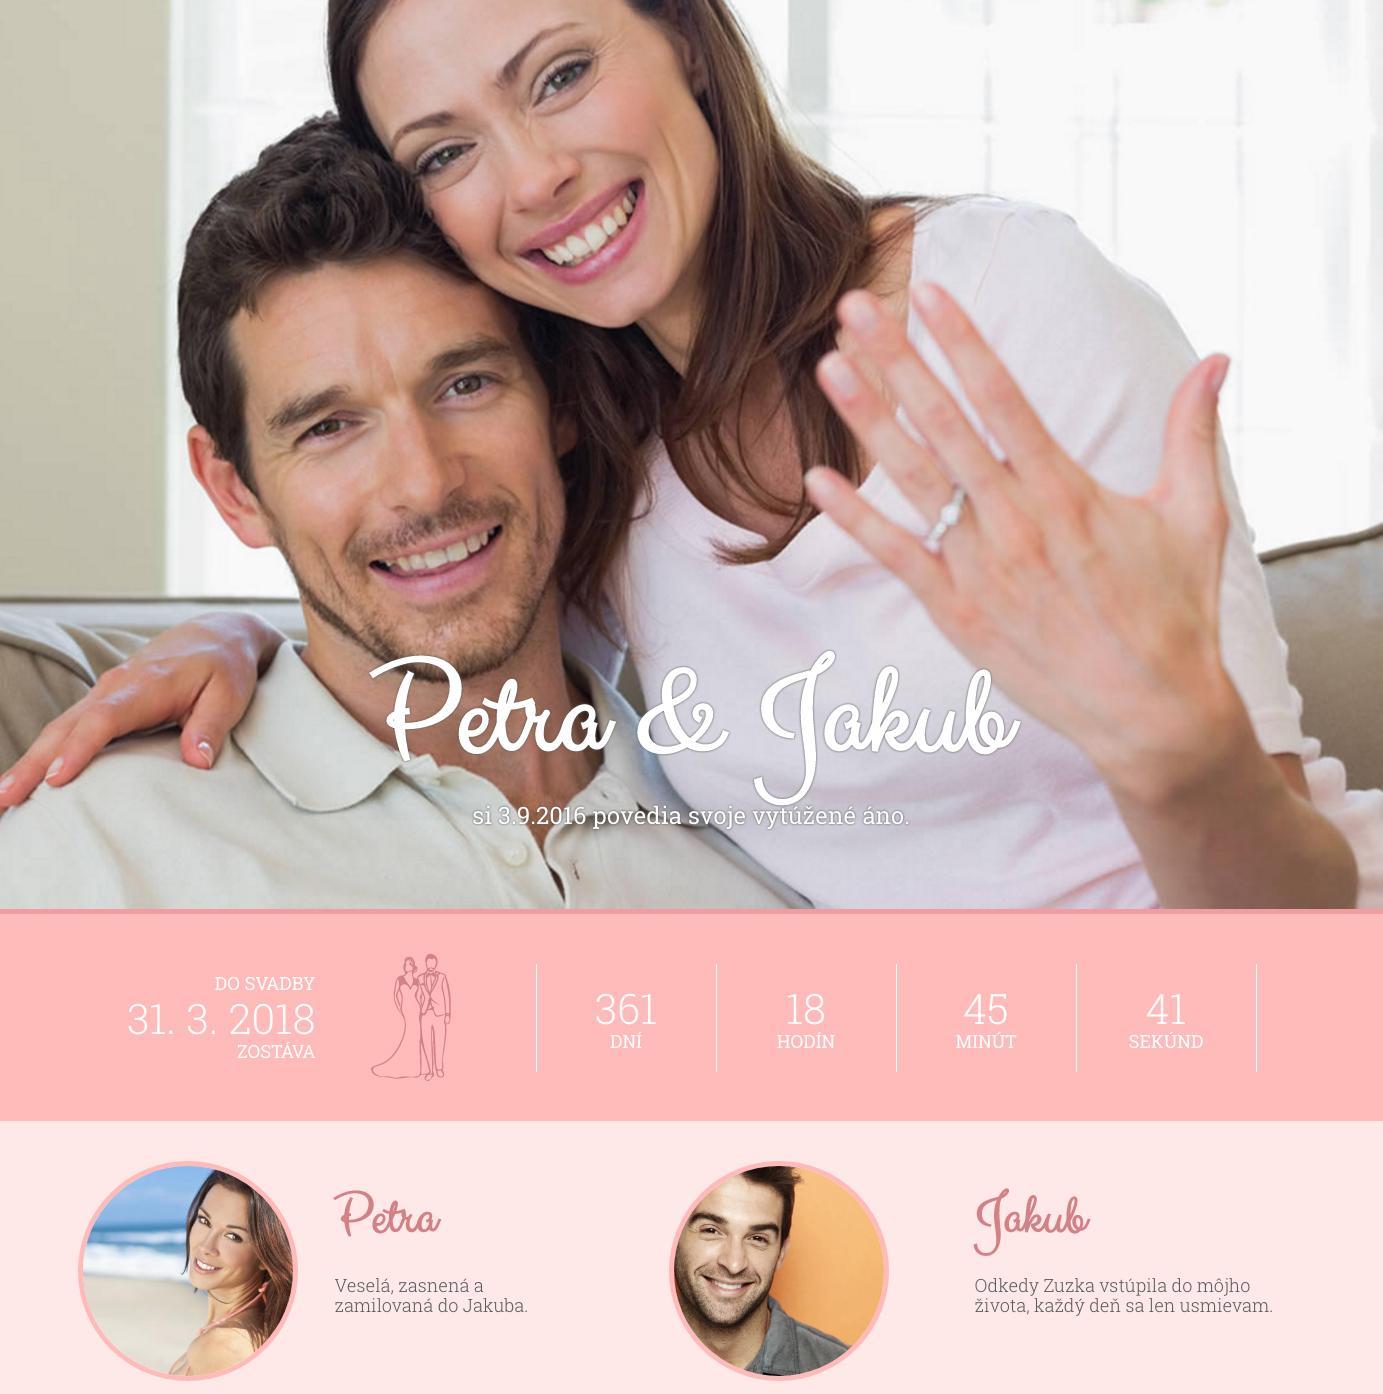 Novinka! Oddnes si každá z vás môže vytvoriť vlastnú online svadobnú pozvánku :) prekvapte a potešte svojich hostí vašim svadobným webom, v ktorom sa dozvedia všetky podrobné informácie o priebehu vášho svadobného dňa. Vytvorenie svadobnej pozvánky je úplne jednoduché a úplne zadarmo :) Stačí kliknúť na www.mojasvadba.sk/invitation, začať editovať a za pár minút to máte :) Kto už to vyskúšal? :) - Obrázok č. 1